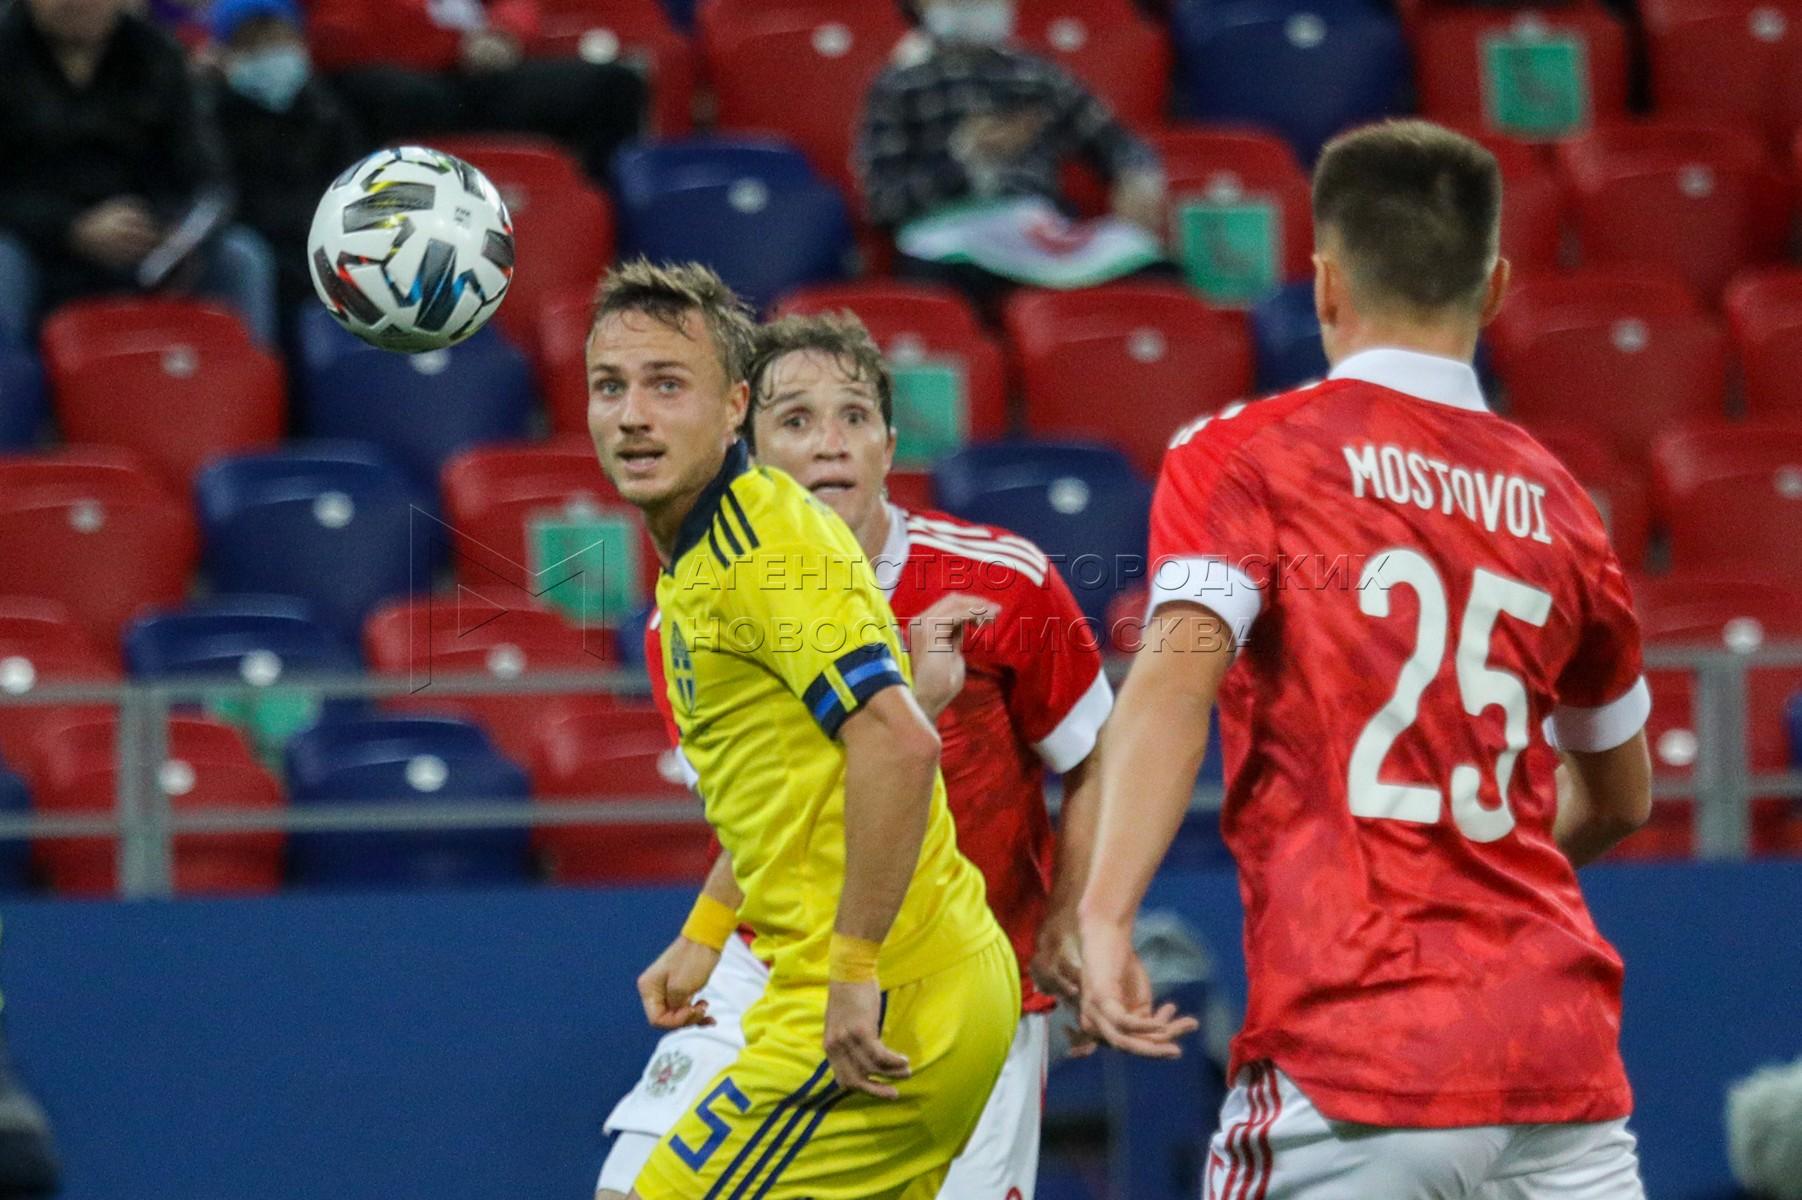 Игроки слева направо - Пьер Бенгтссон (Швеция), Марио Фернандес (Россия) и Андрей Мостовой (Россия) во время контрольного матча по футболу между национальными сборными России и Швеции на стадионе «ВЭБ Арена».